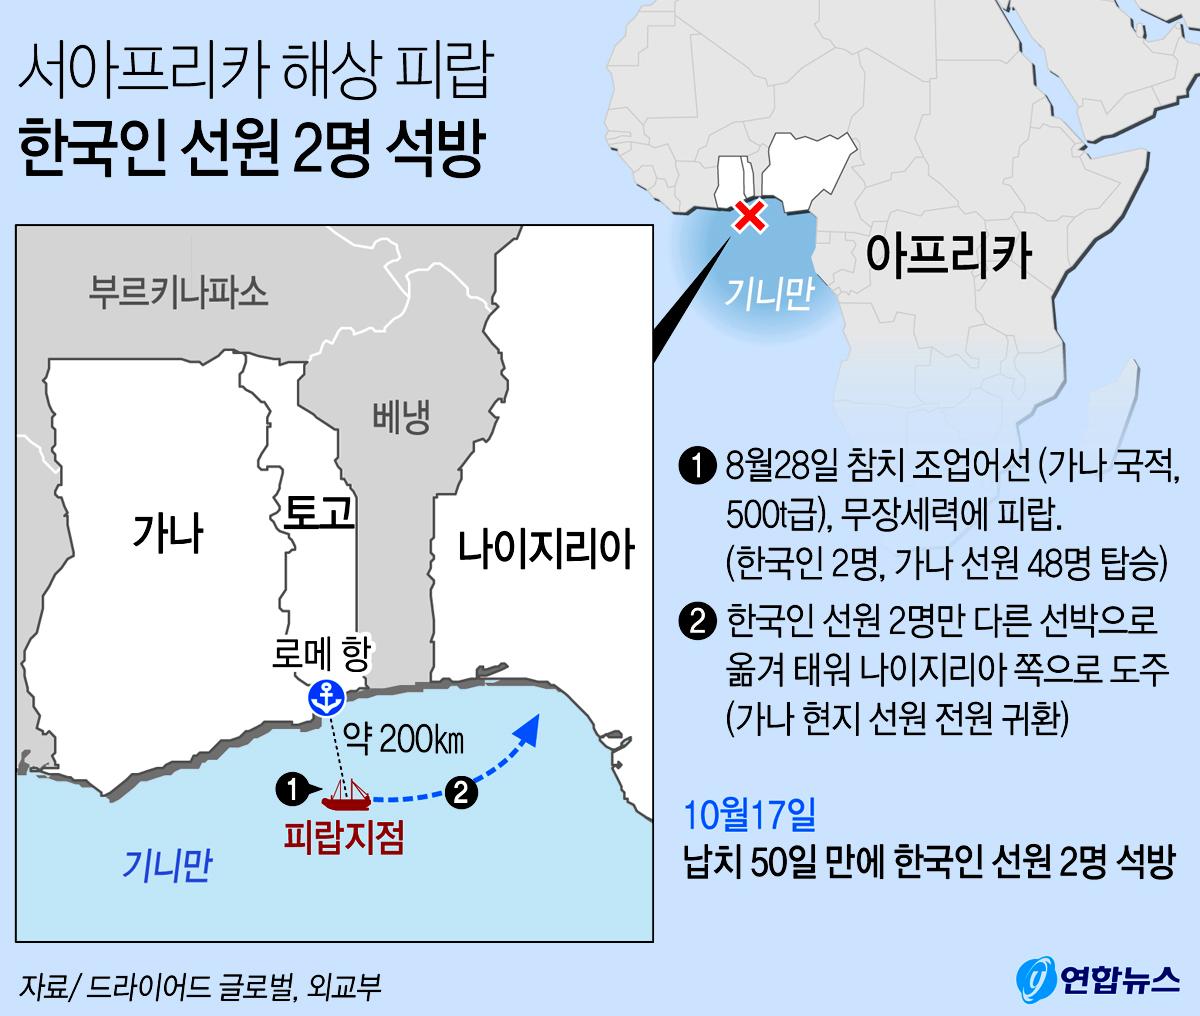 서아프리카 해상 피랍 한국인 선원 2명 석방. 연합뉴스